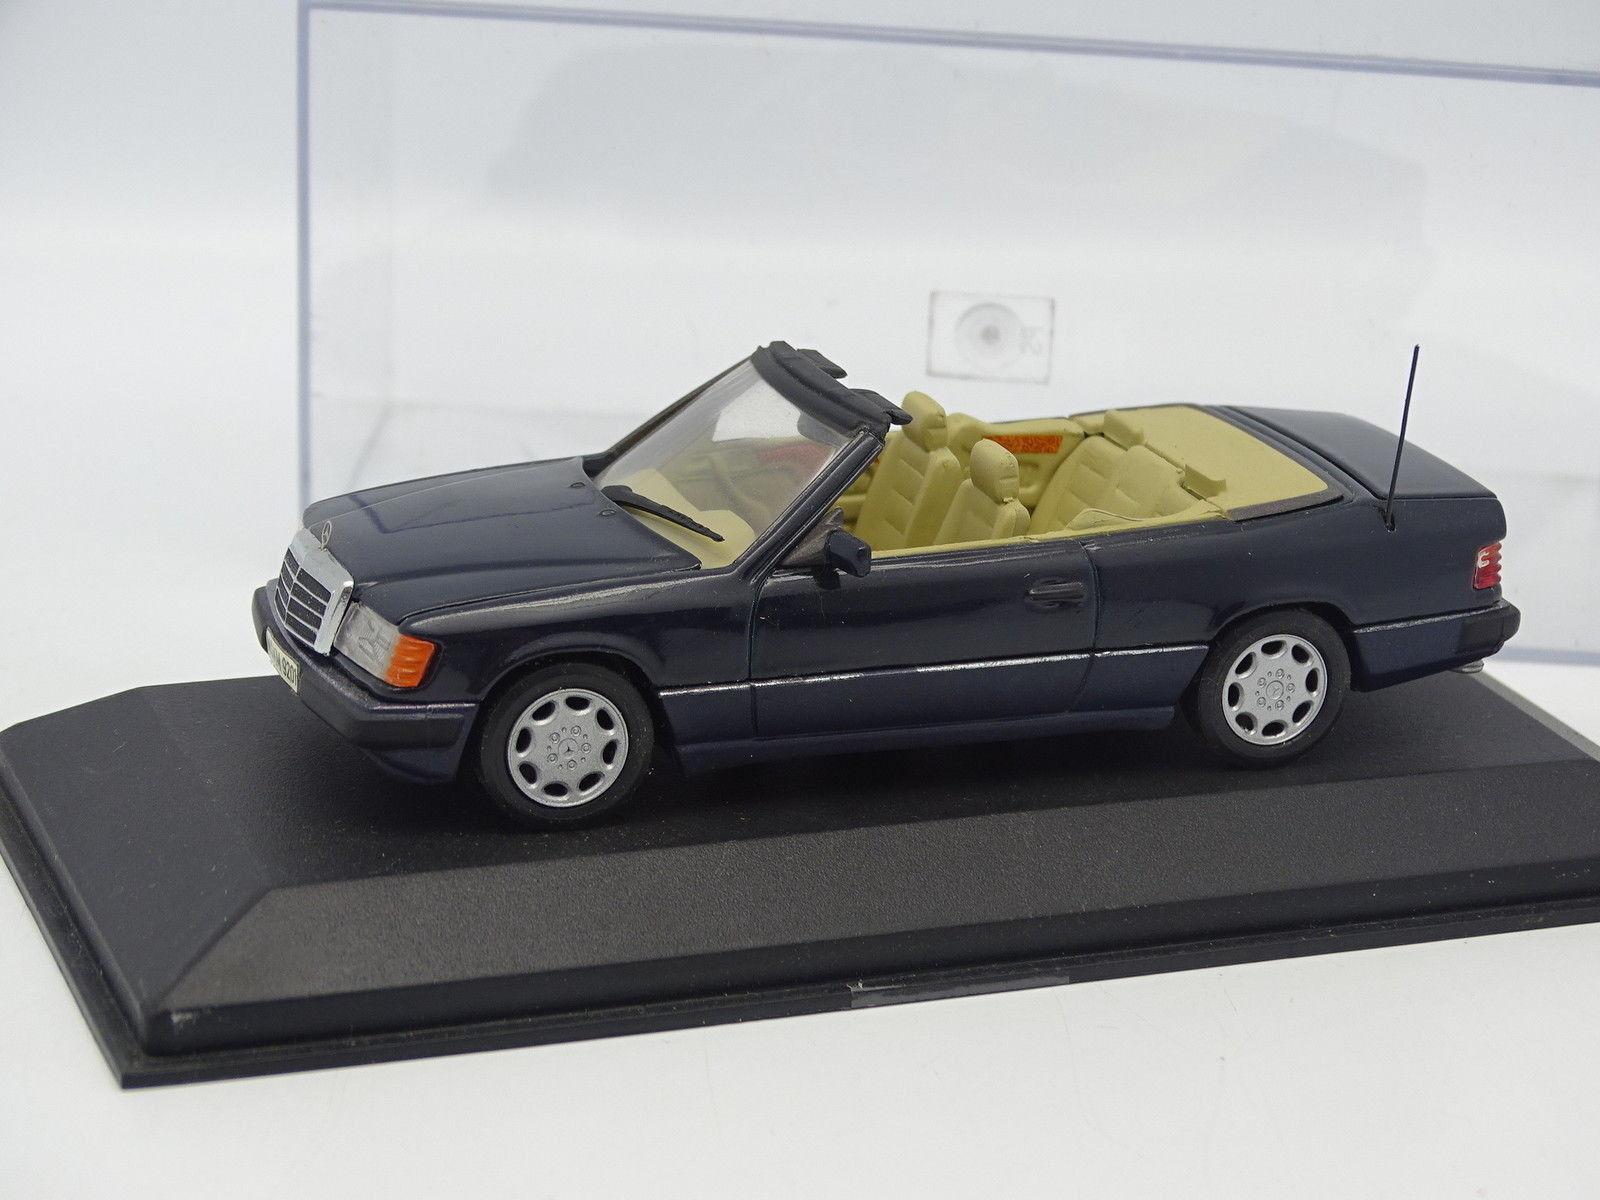 Minichamps 1 43 - Mercedes 300 ESTE 24 Cabriolet blue